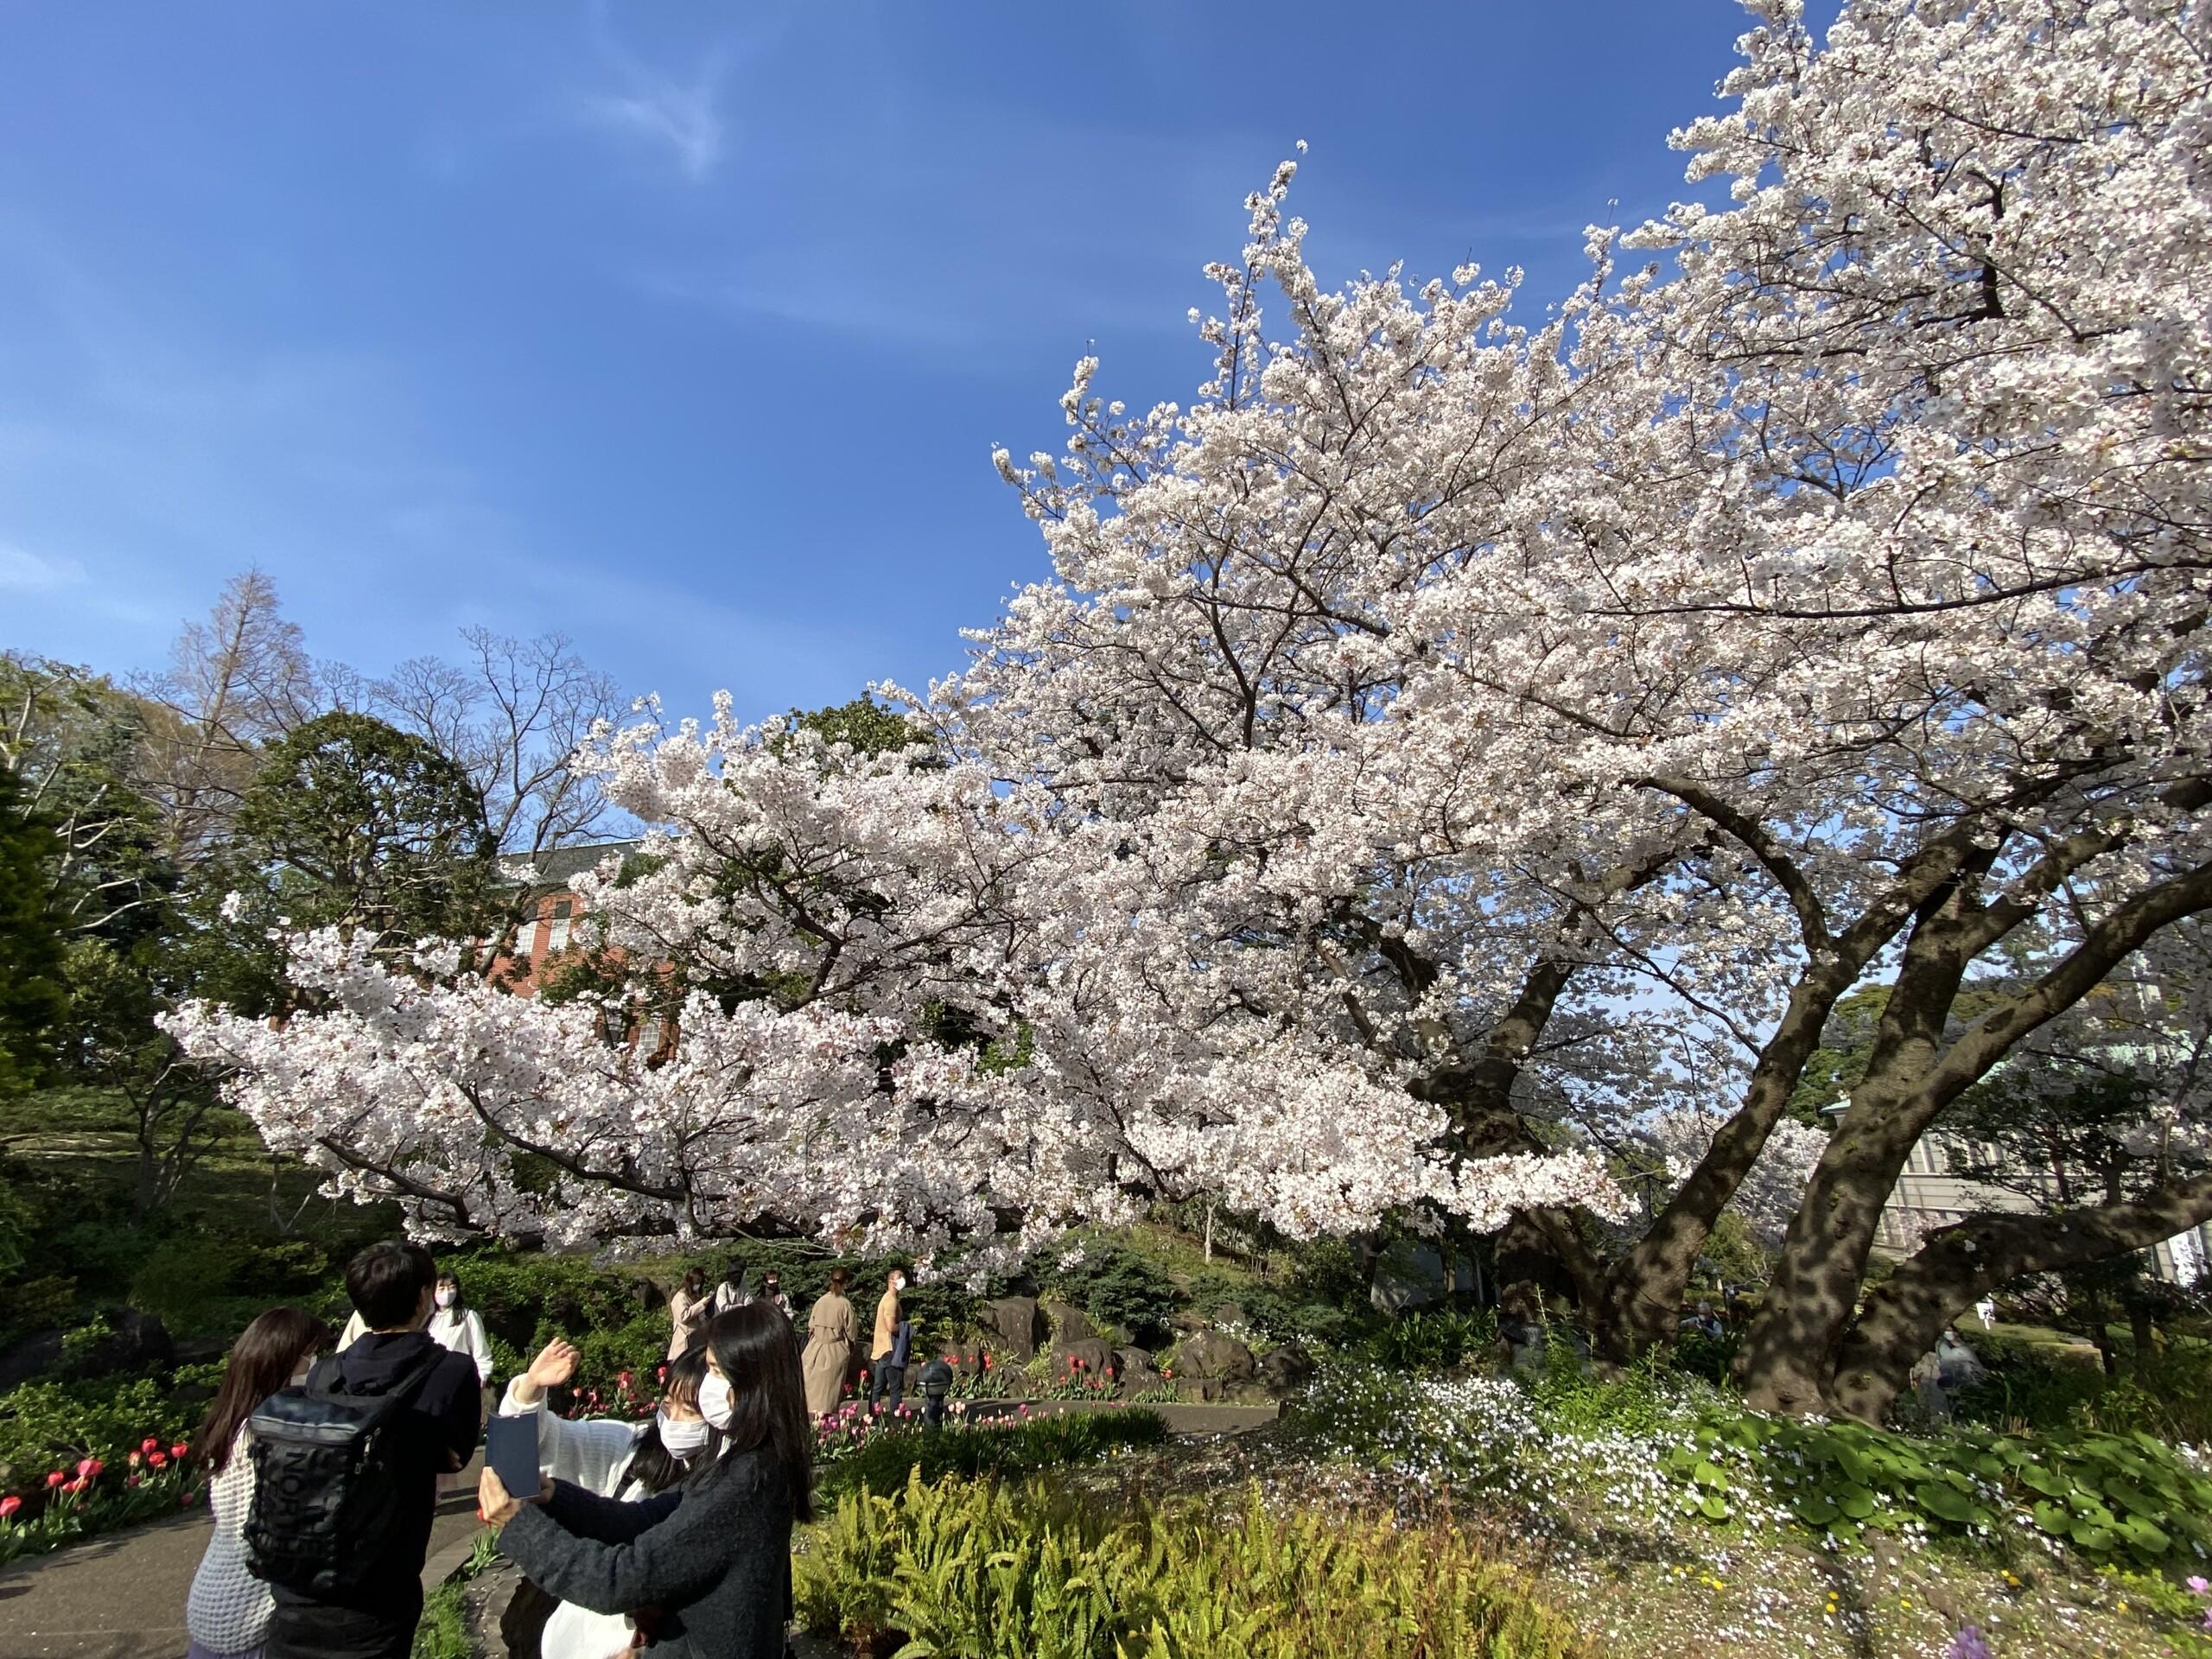 みなとみらい線沿線の桜